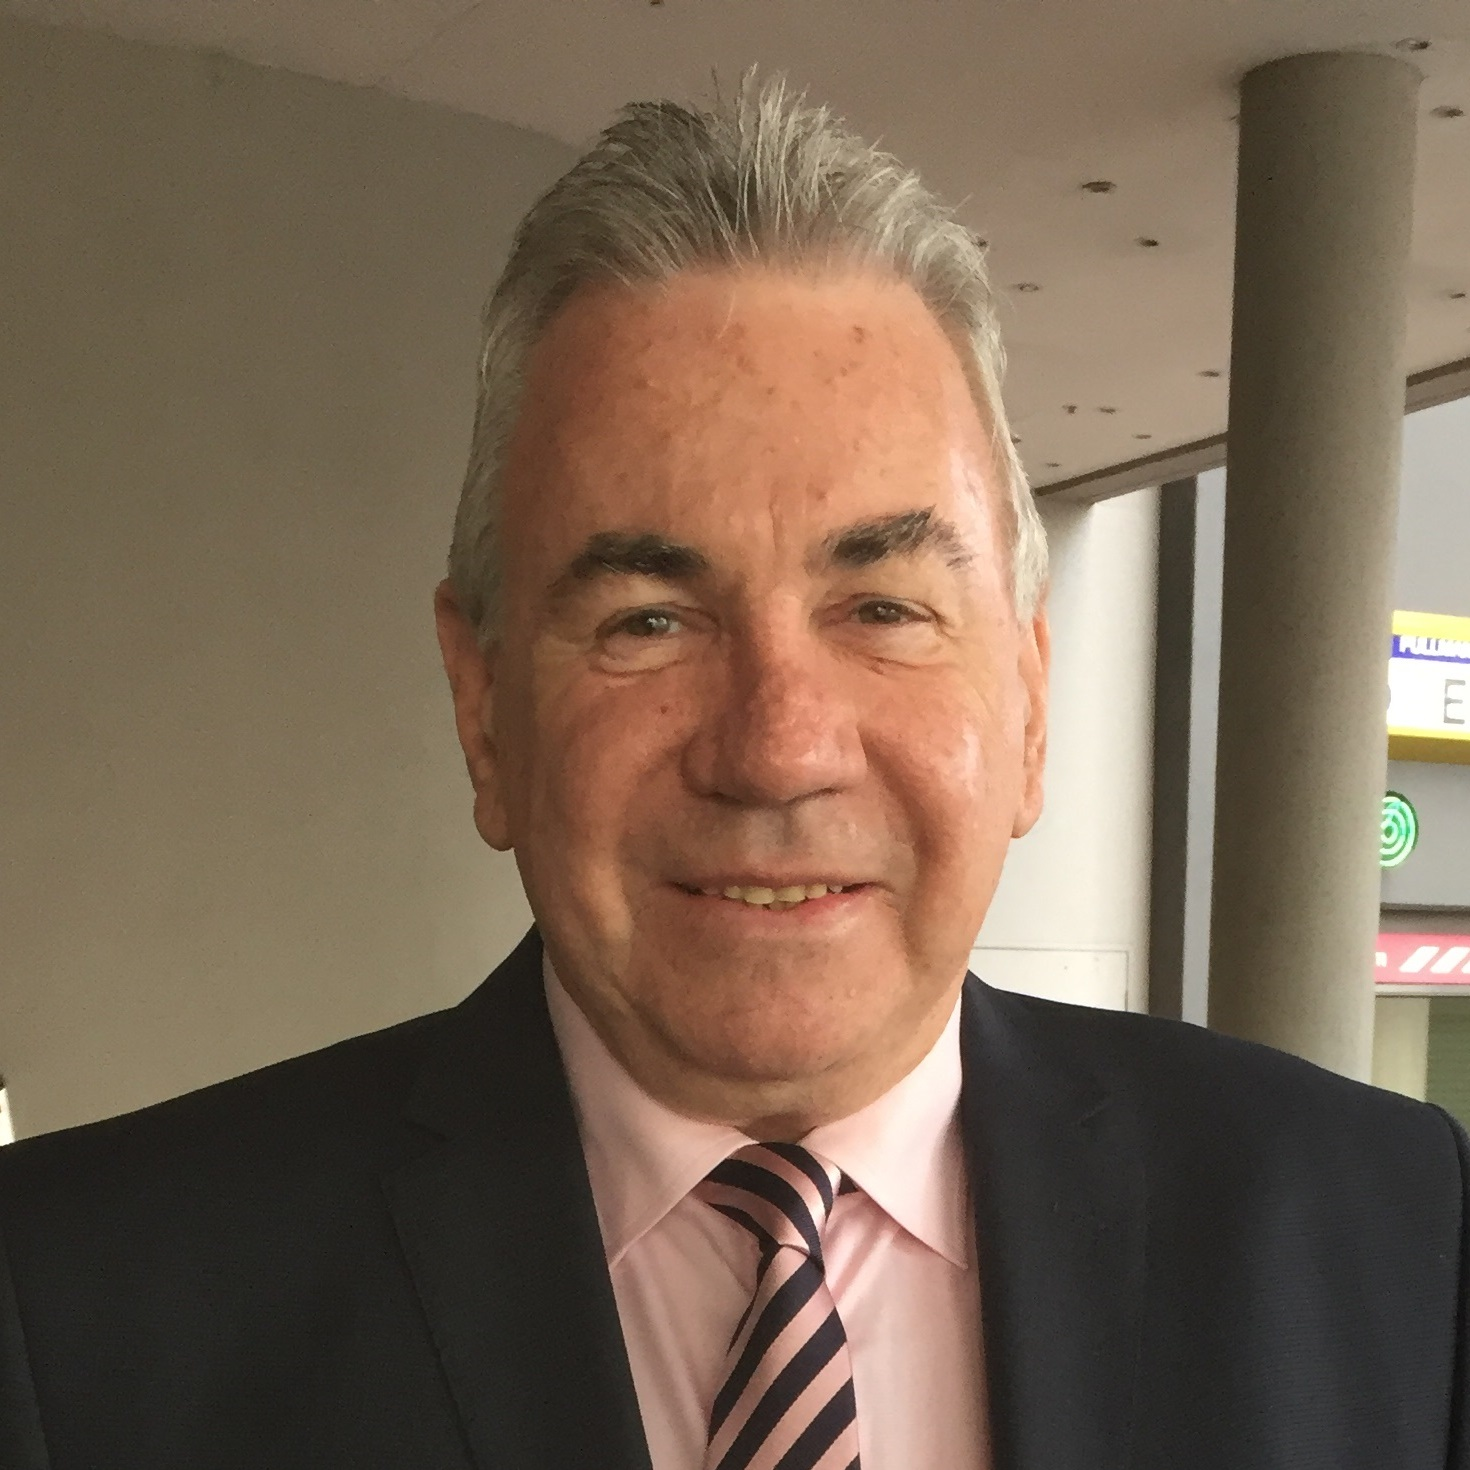 Garry Cranny